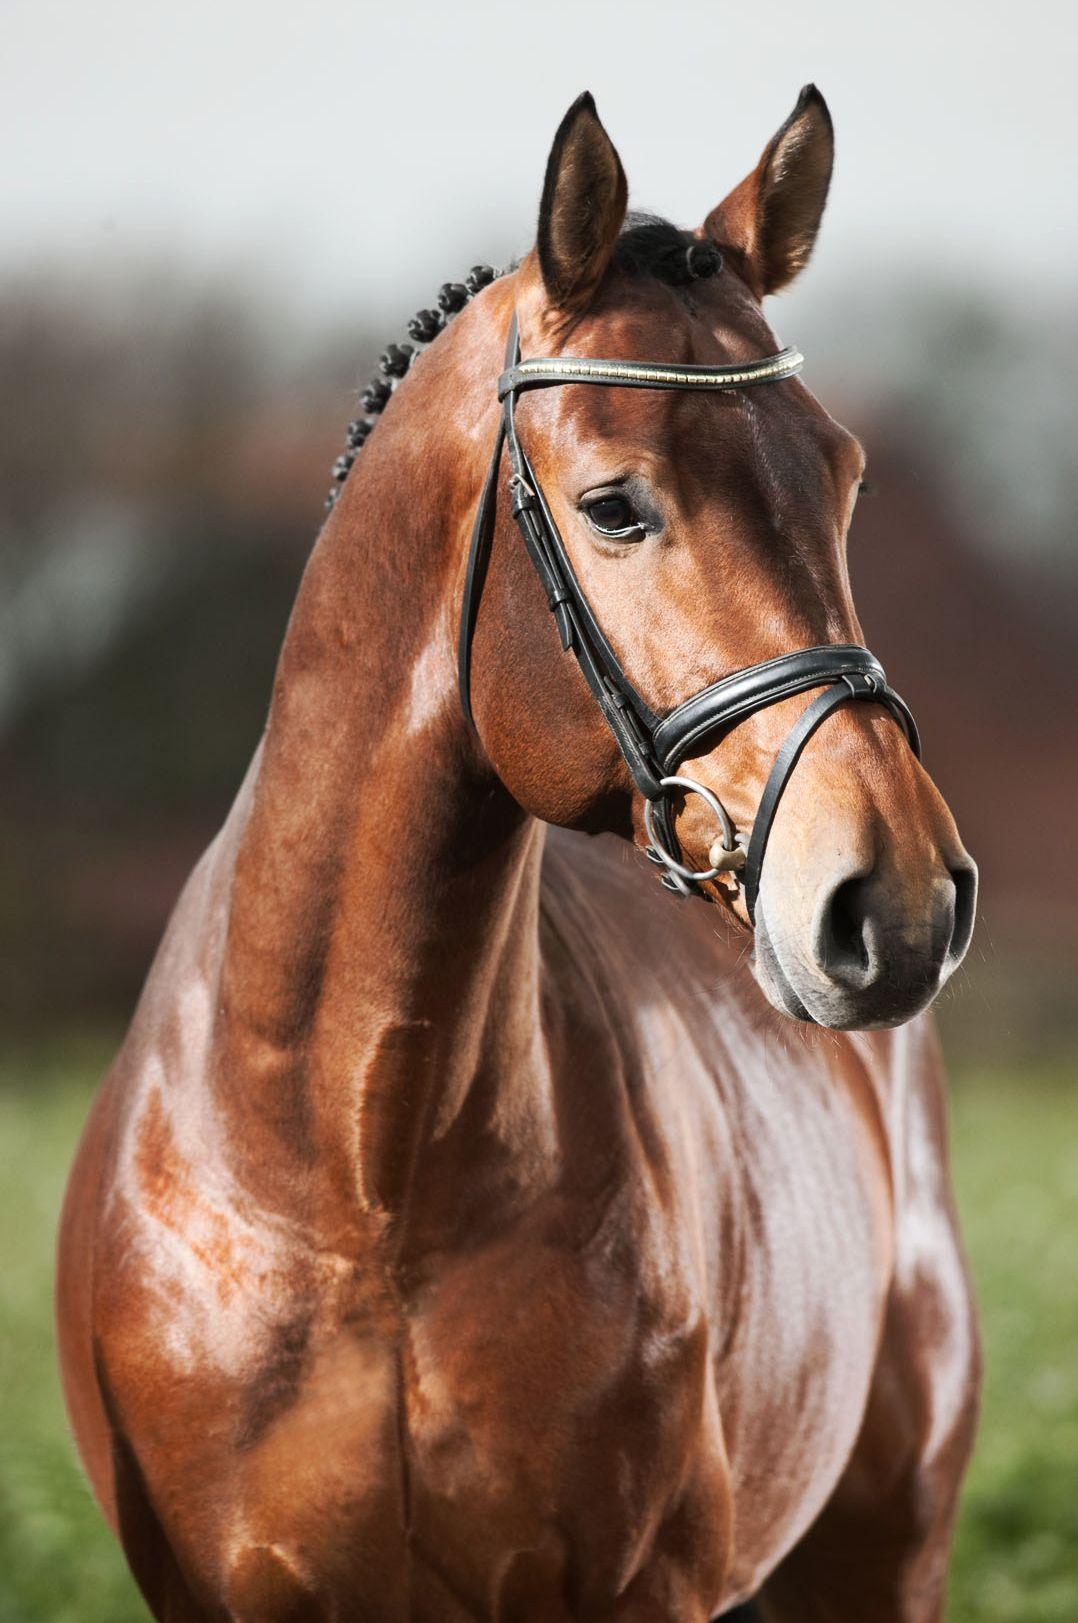 Suche Pferd Kostenlos Herunterladen - Suche Pferd Kostenlos Herunterladen